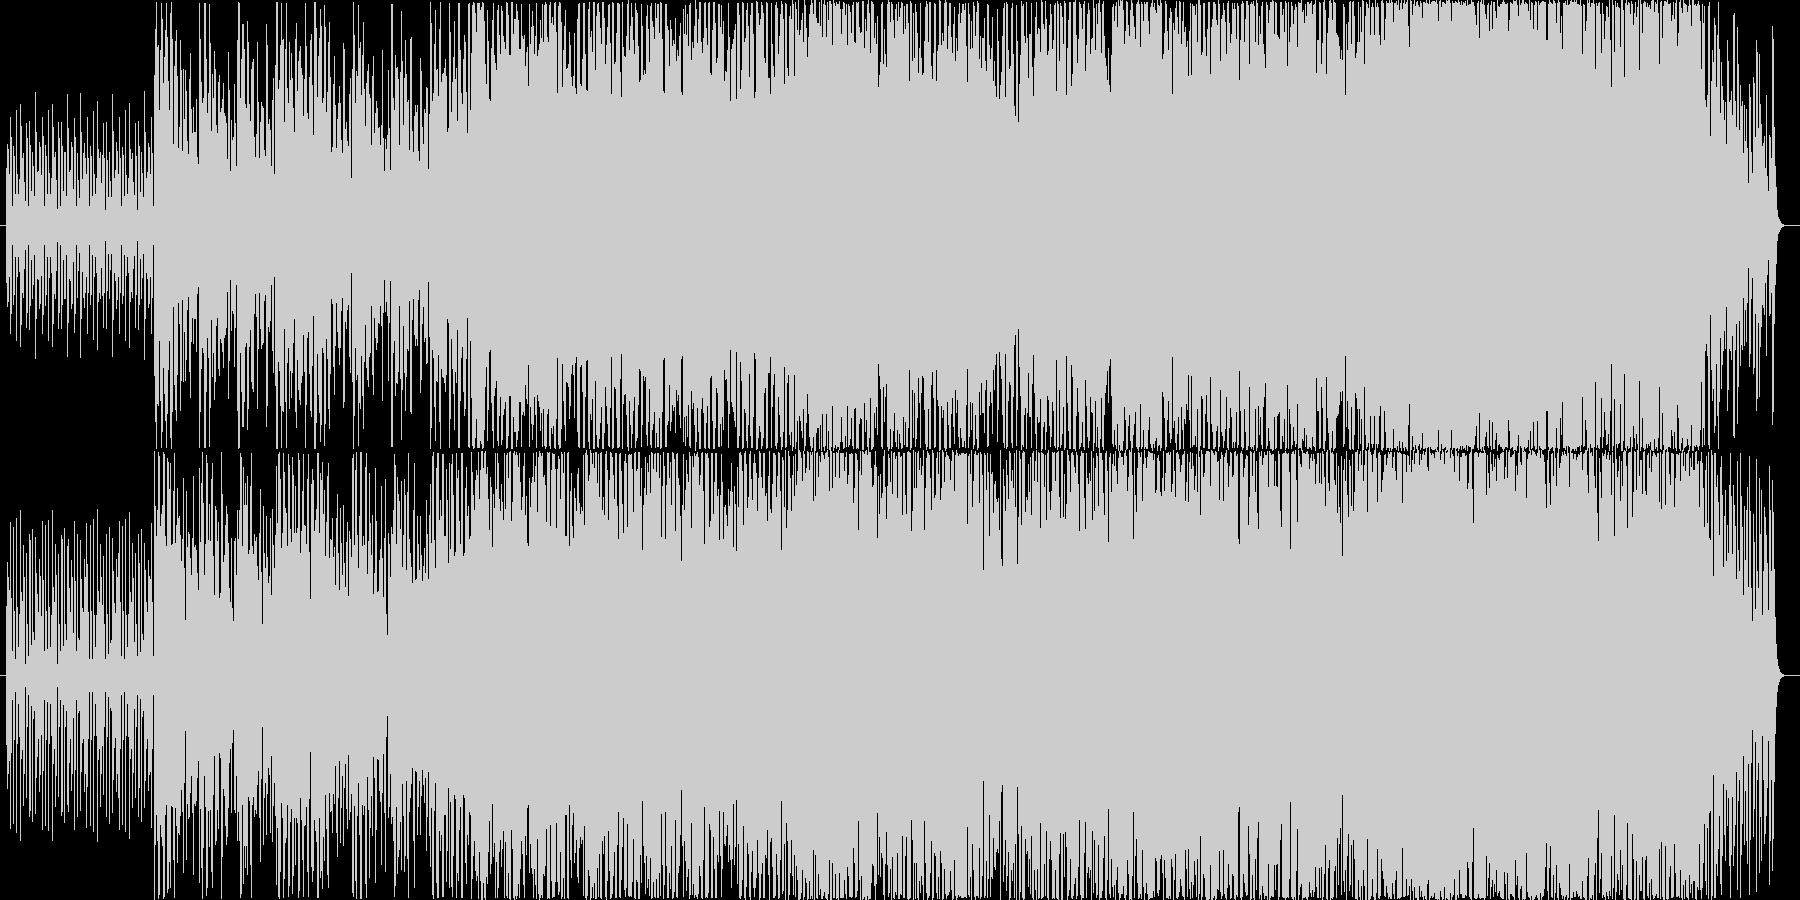 さわやかなアコースティック系のインストの未再生の波形